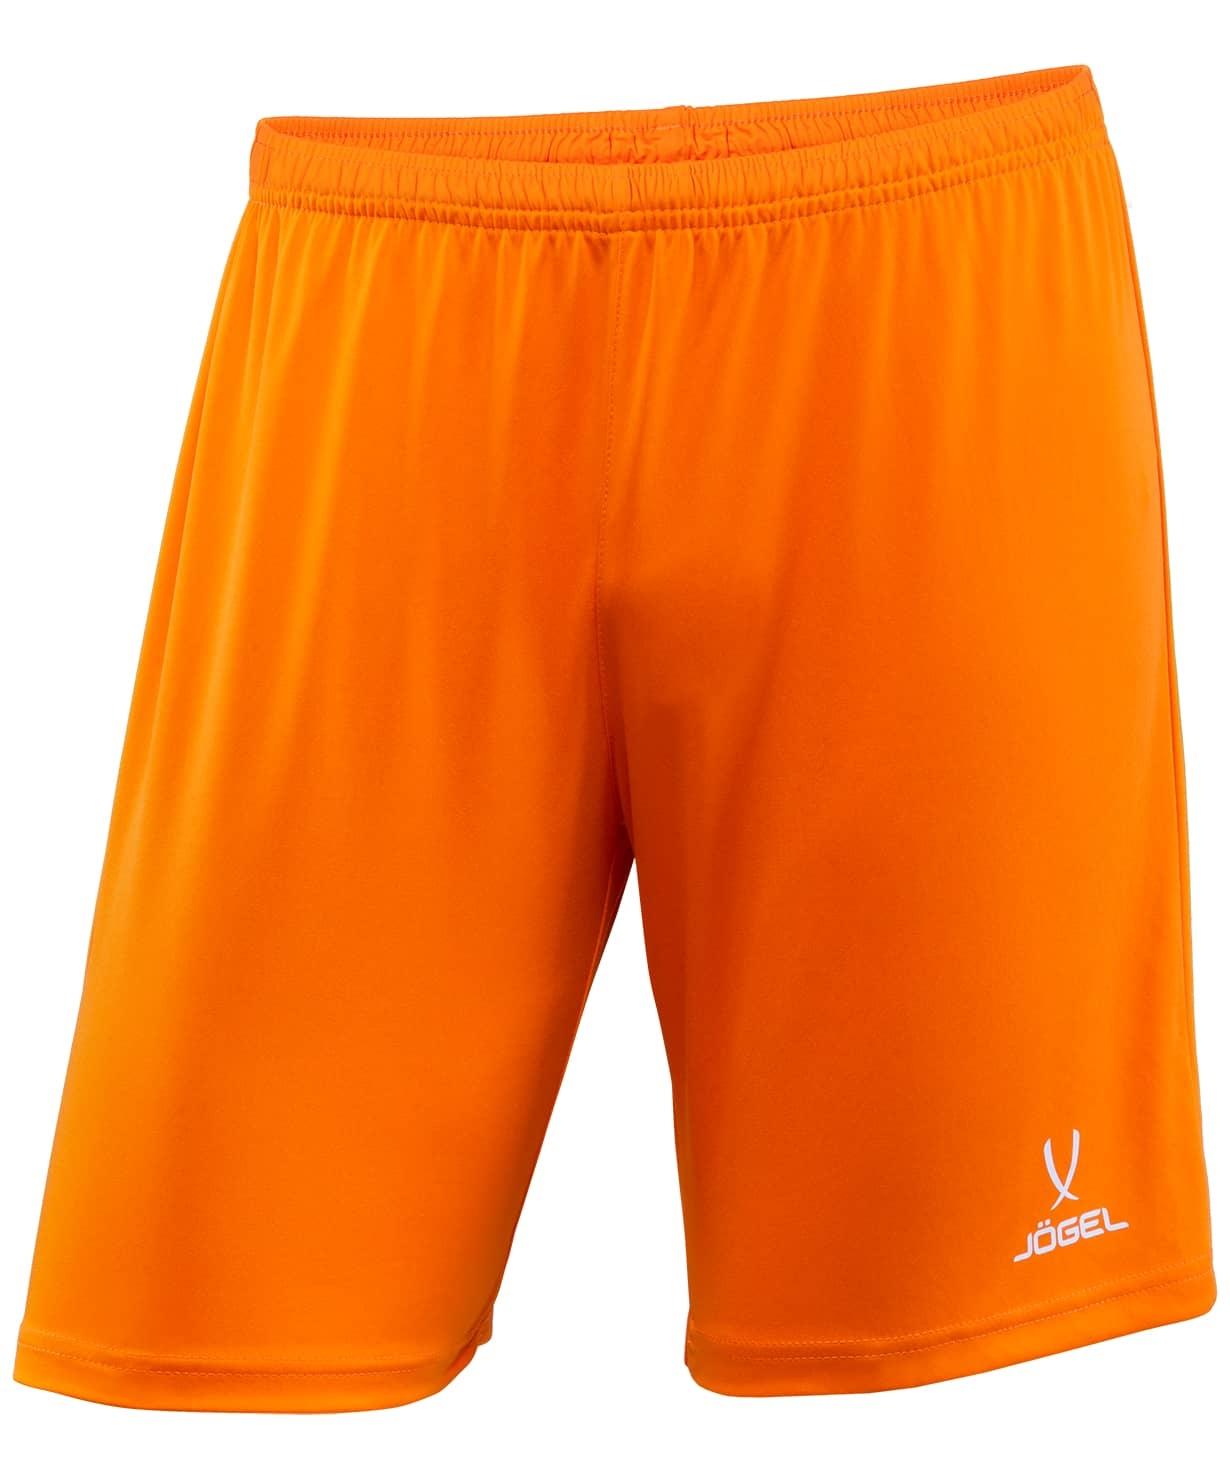 Шорты футбольные CAMP JFT-1120-O1, оранжевый/белый